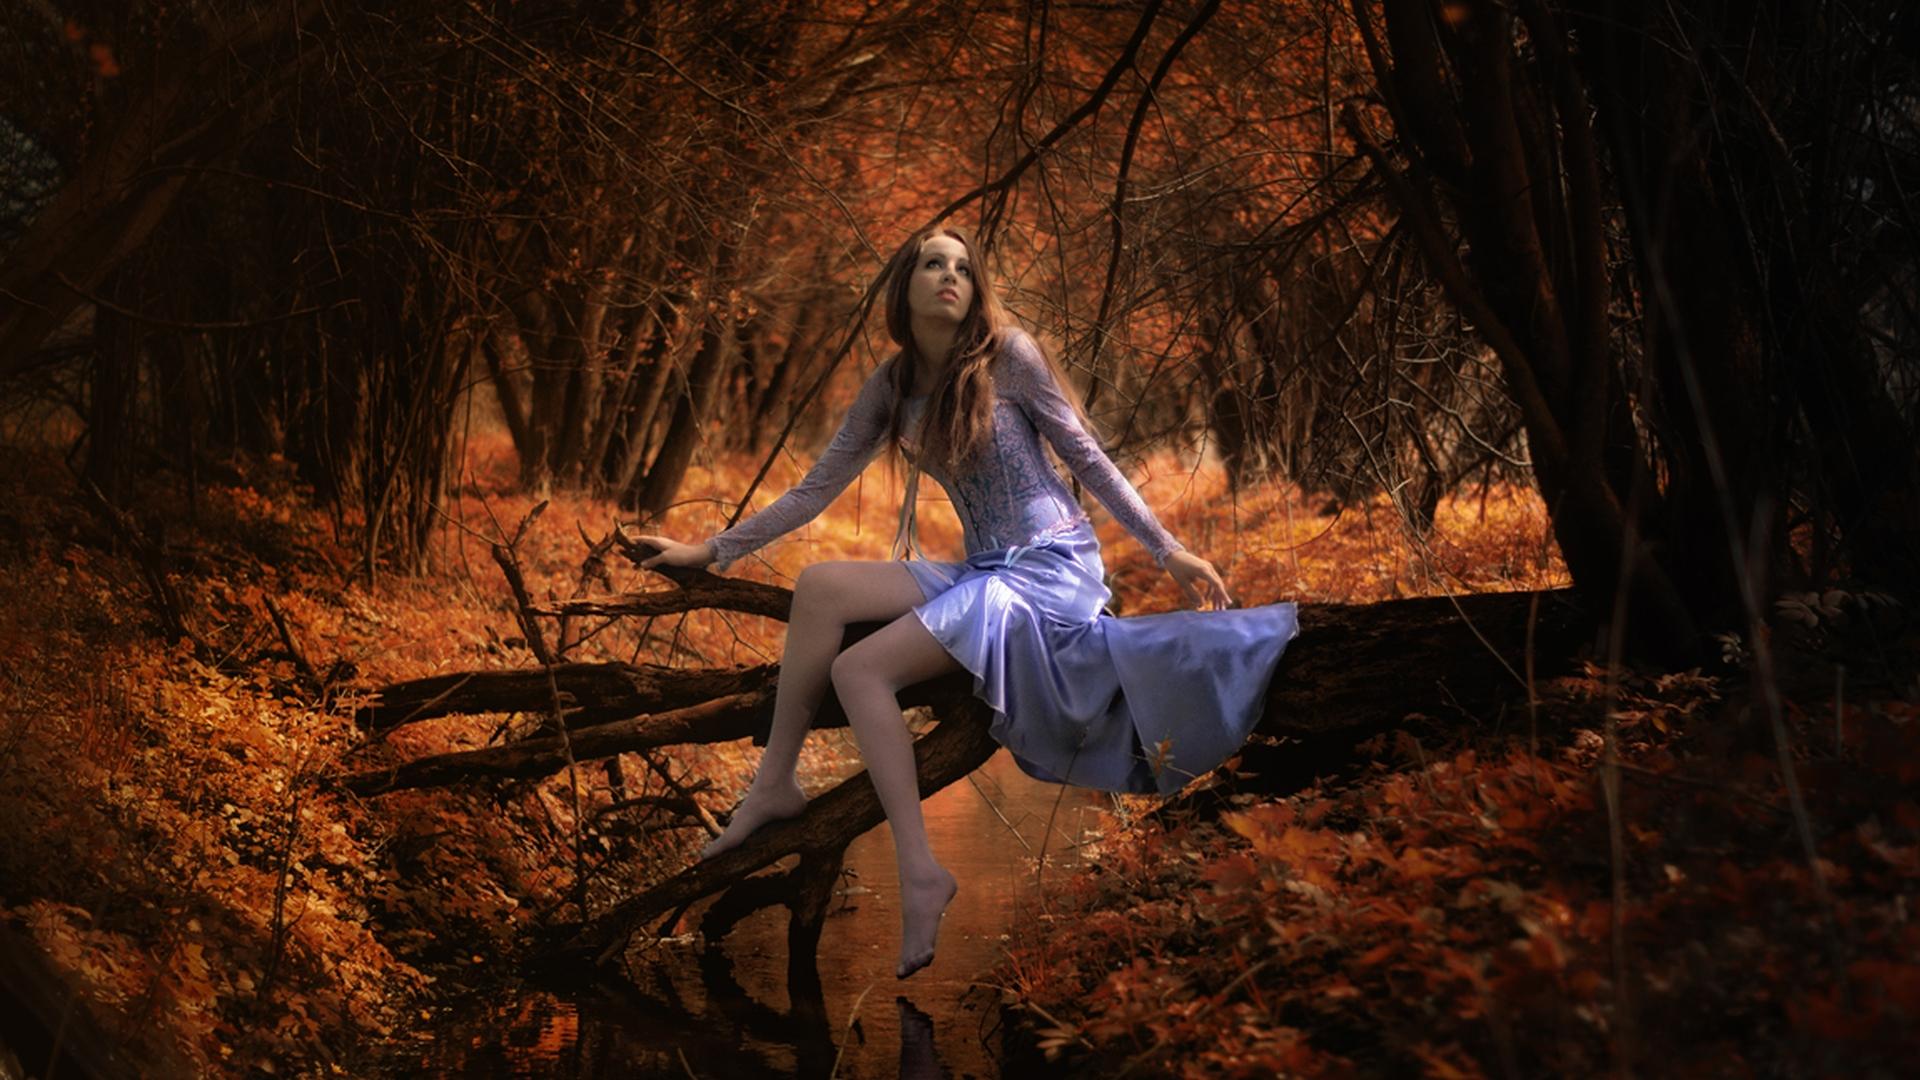 Смешные фото девушки в лесу